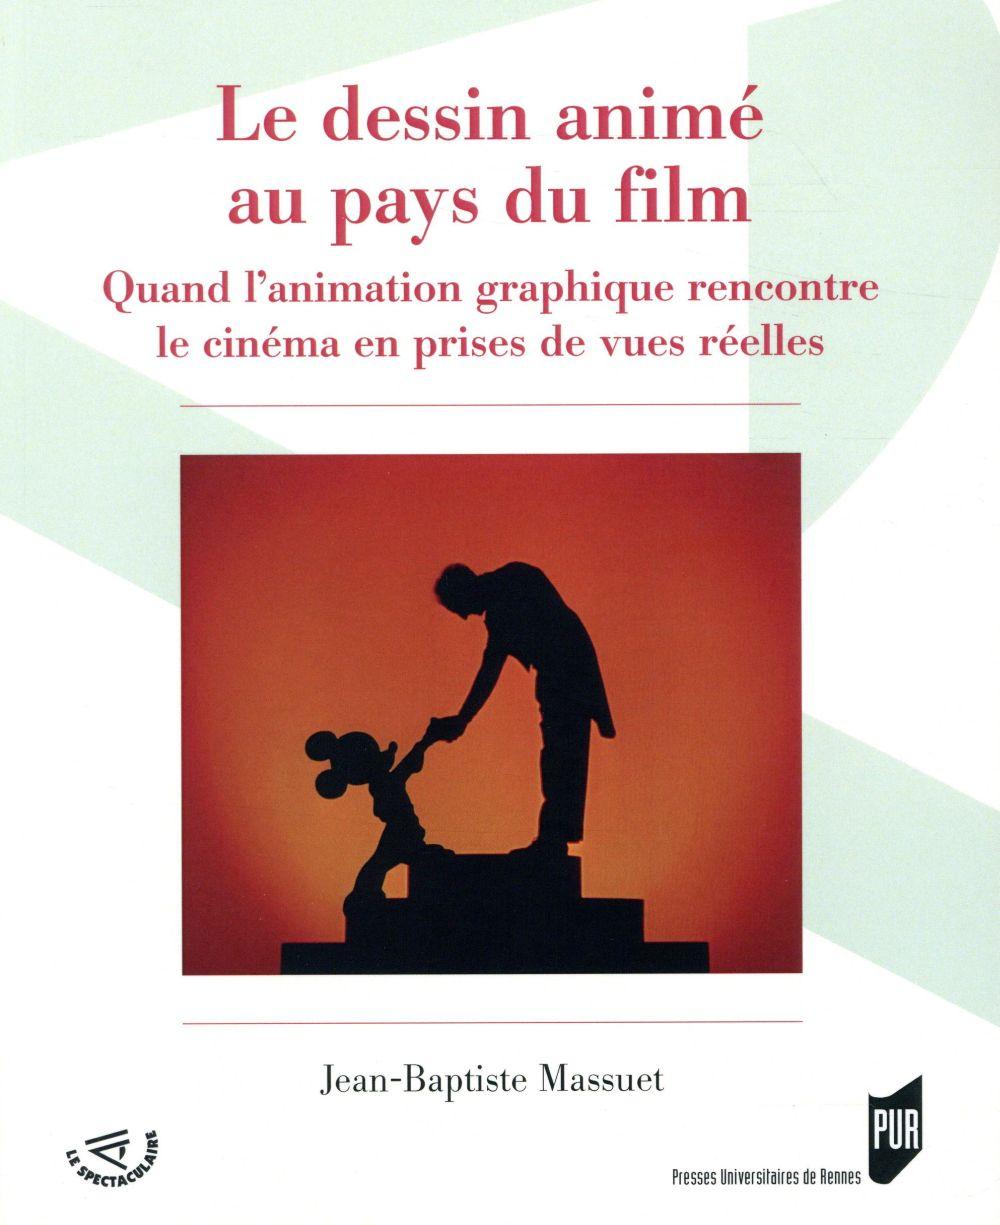 LE DESSIN ANIME AU PAYS DU FILM - QUAND L ANIMATION GRAPHIQUE RENCONTRE LE CINEMA EN PRISES DE VUES